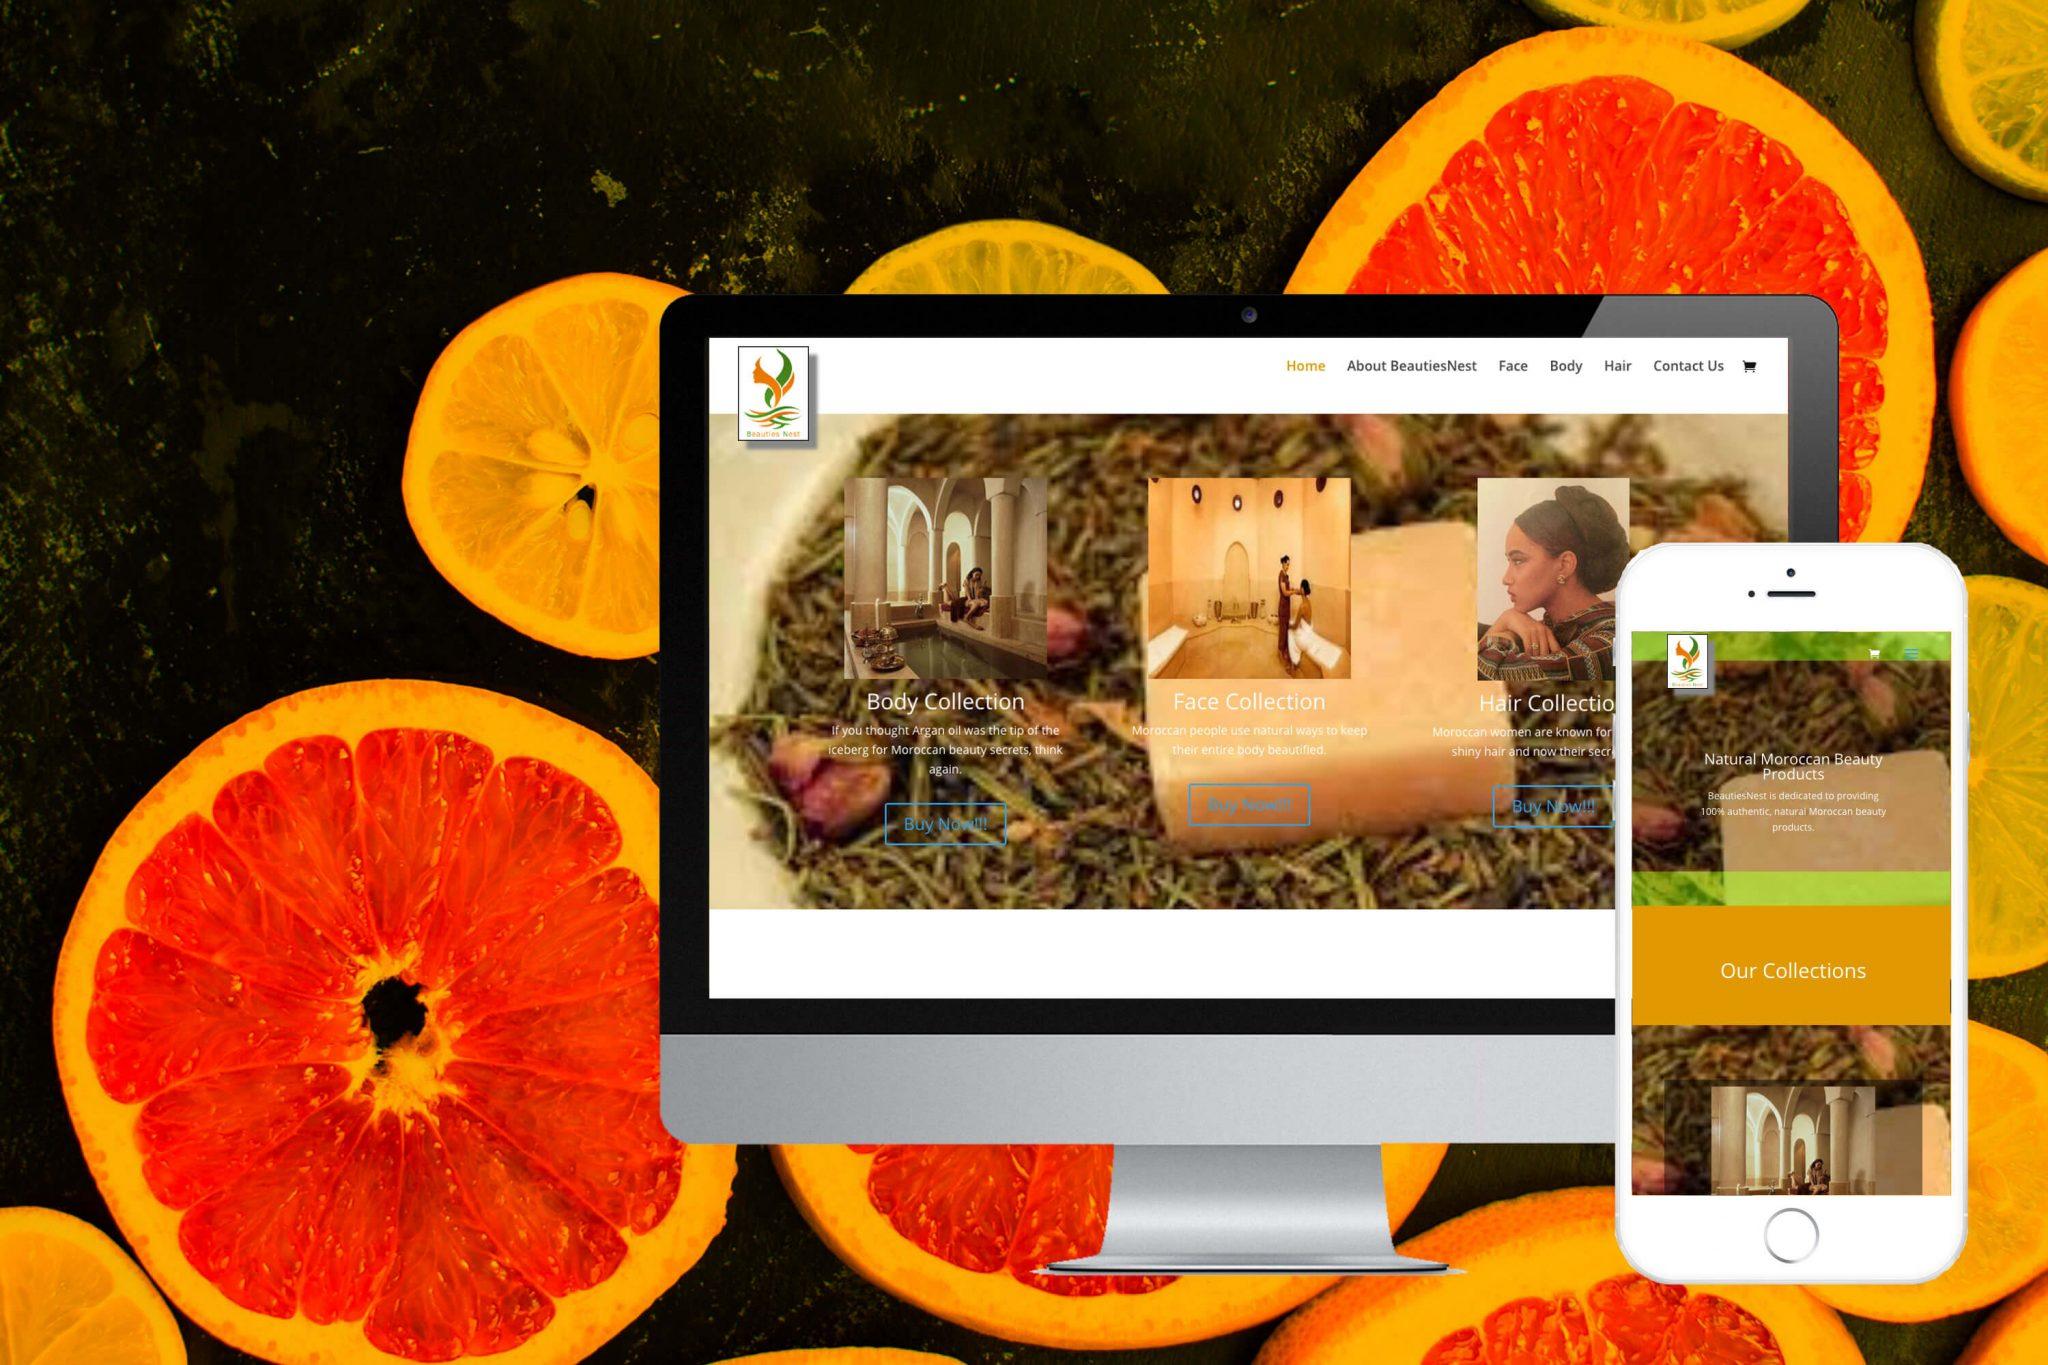 Beauties nest responsive web design